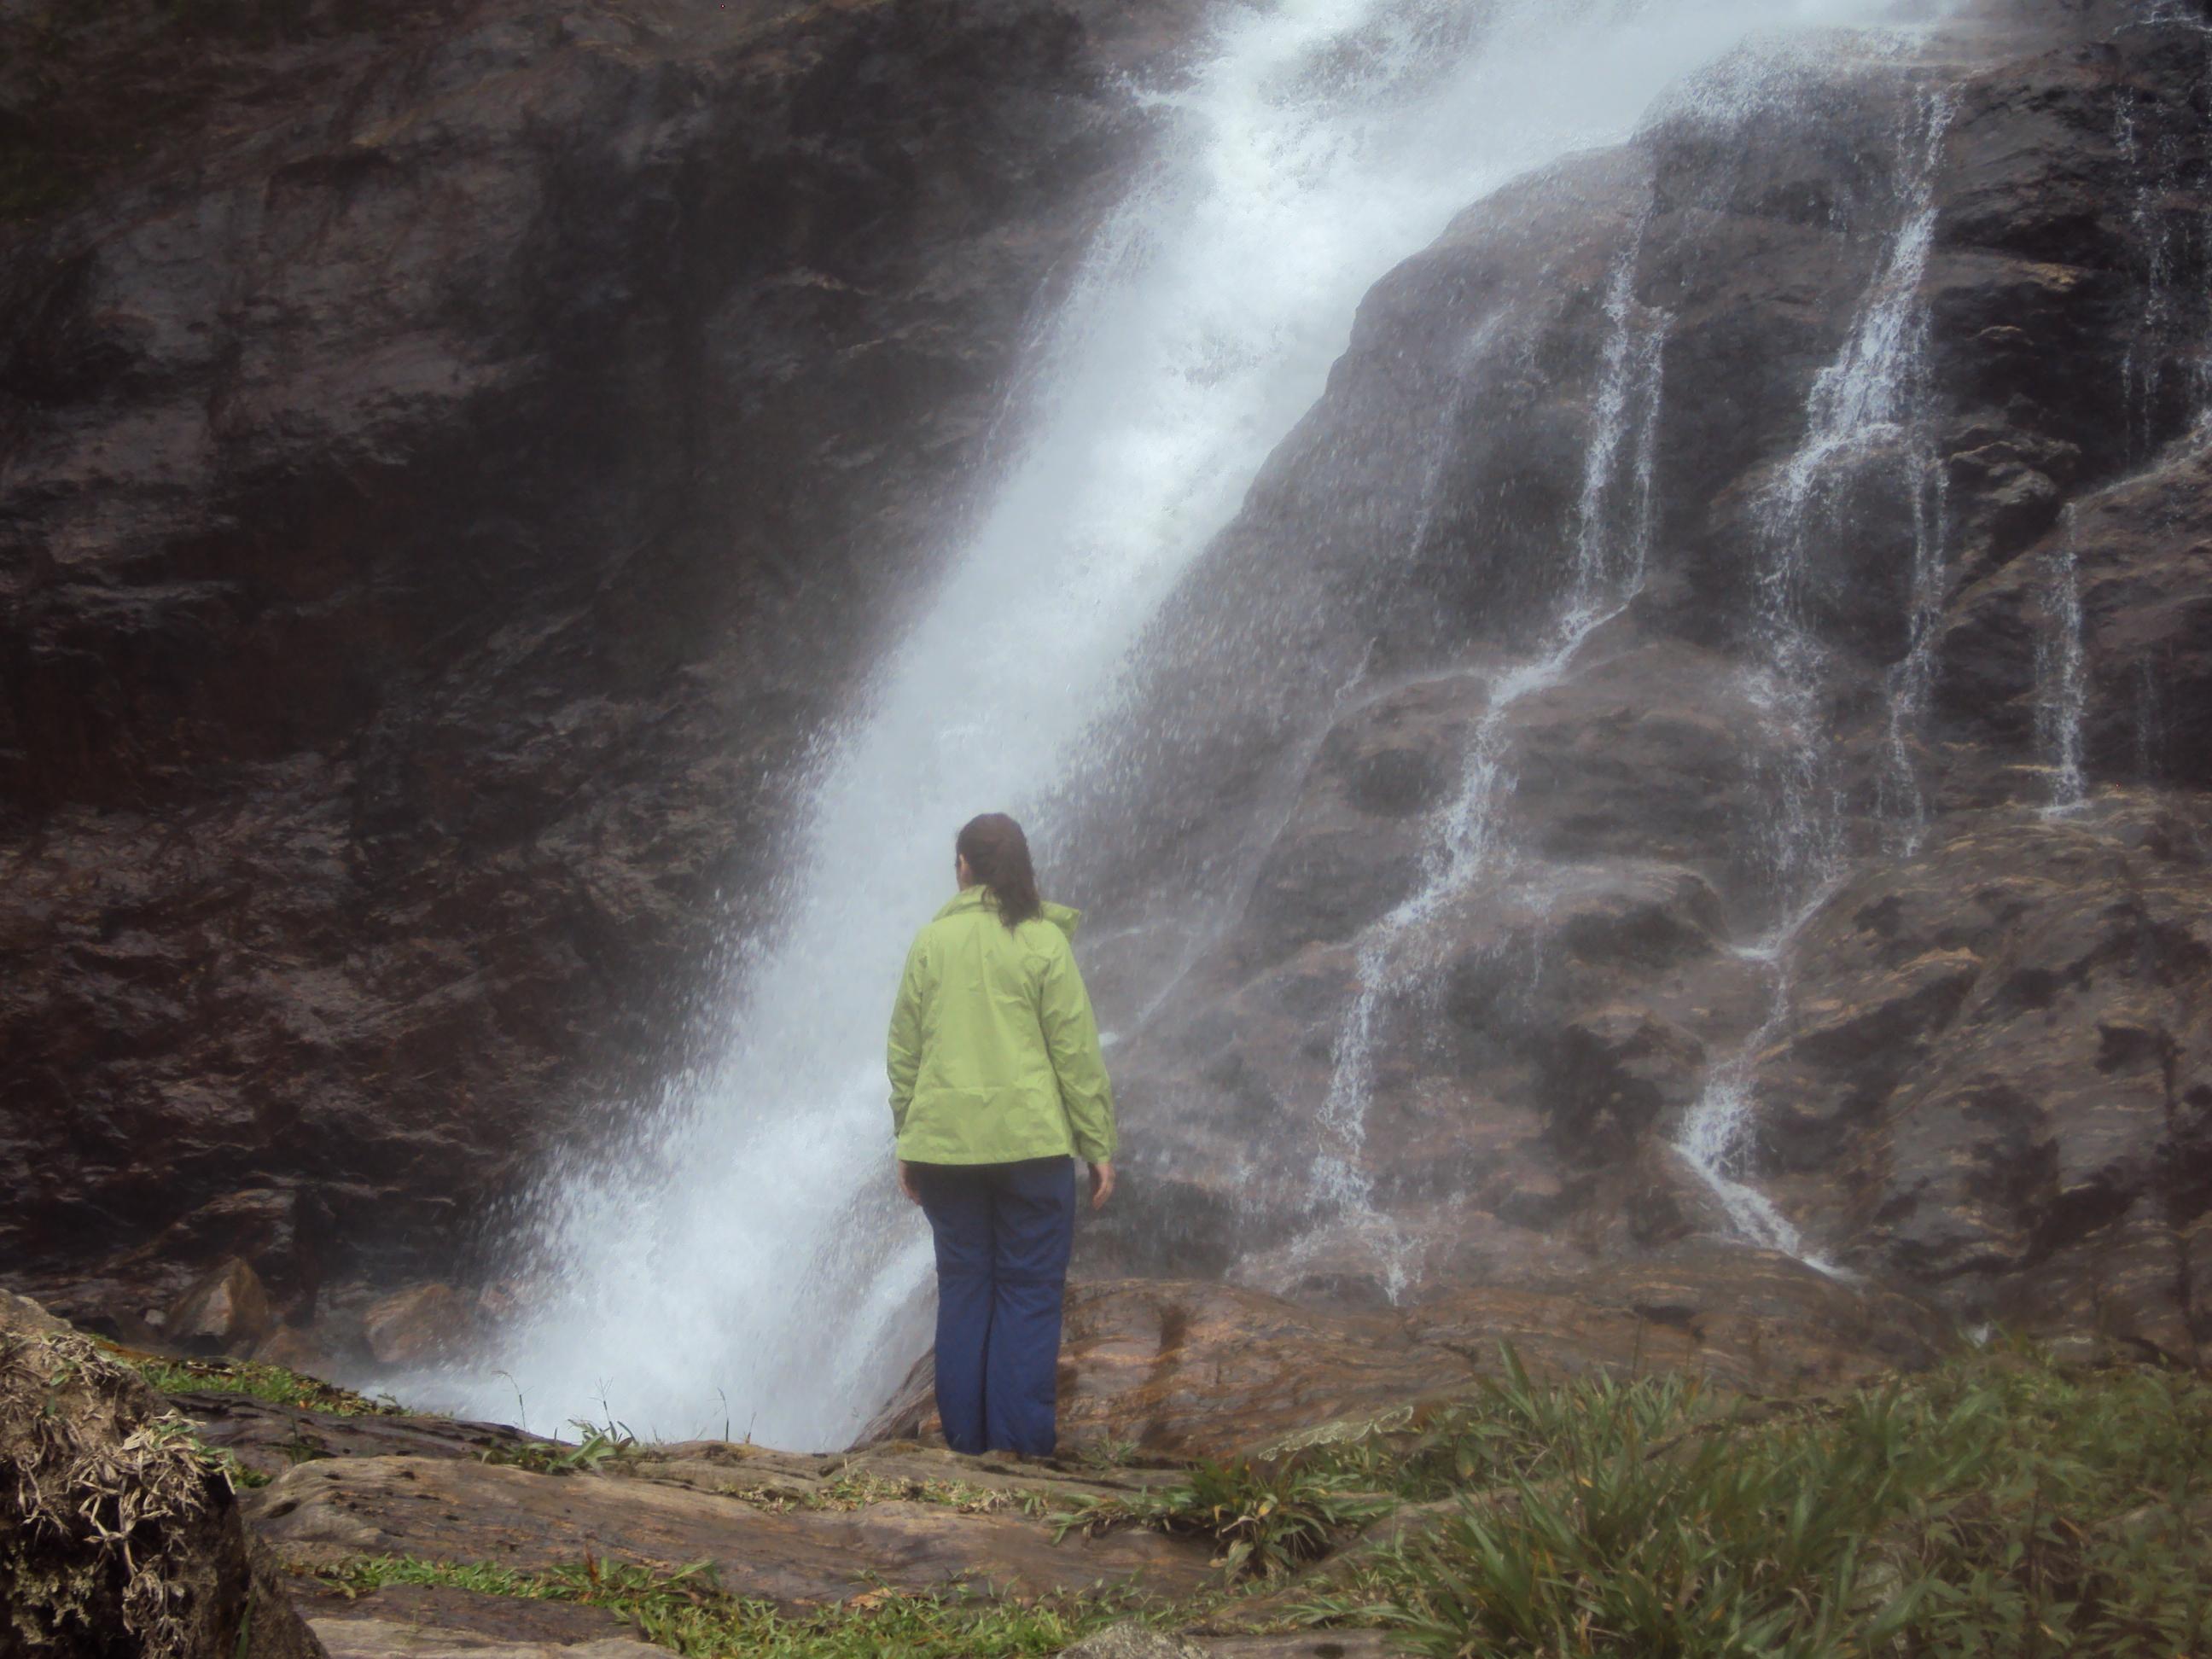 Vale das cachoeiras novembro 2014 055.jpg